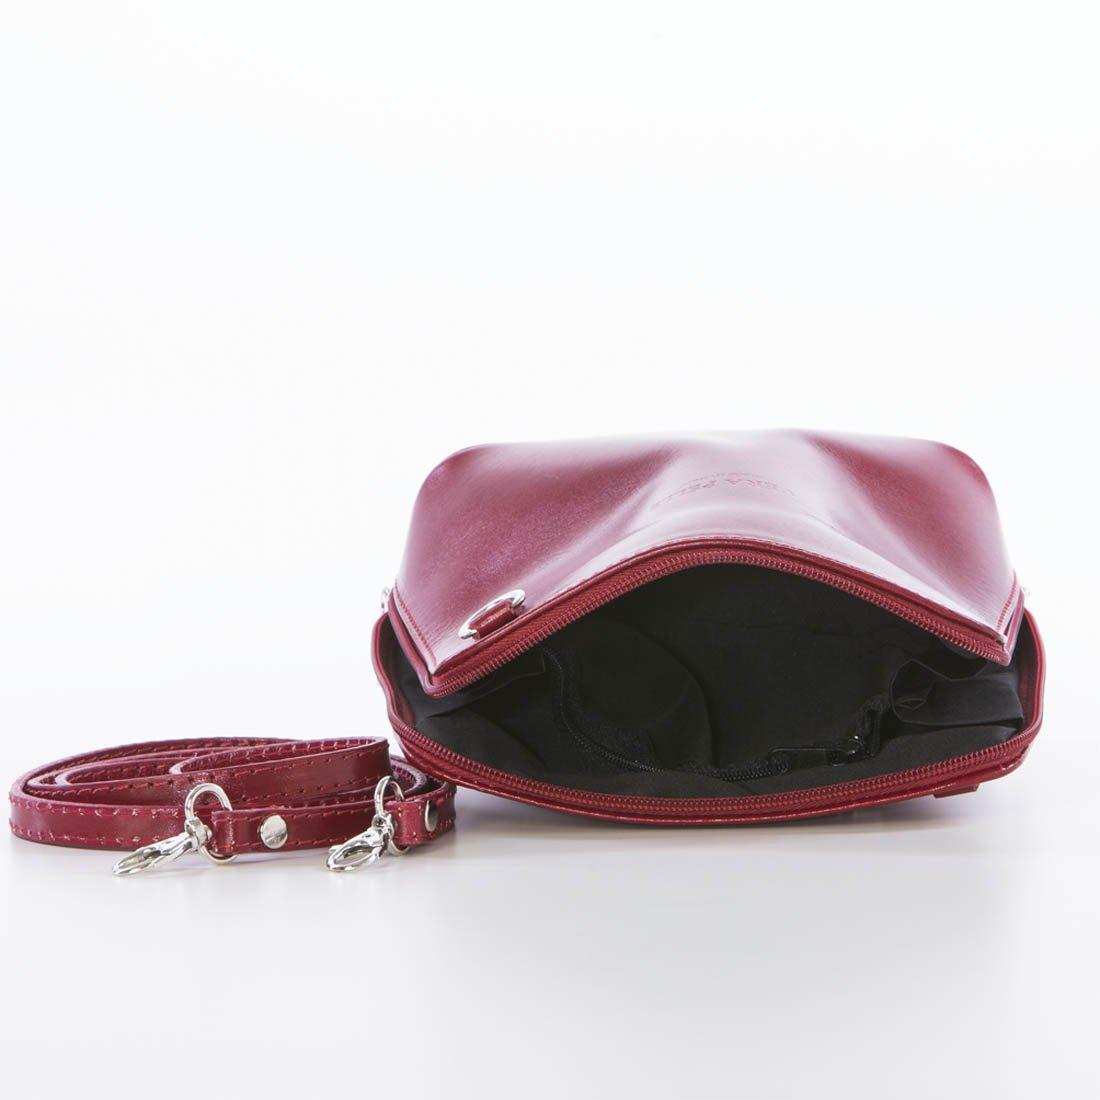 Mia Tomazzi - WBMT180620-Red (50) - ACCESSOIRE PETITE MAROQUINERIE - 139EUR  - Produit en Italie  Amazon.fr  Chaussures et Sacs 1d40005ea07